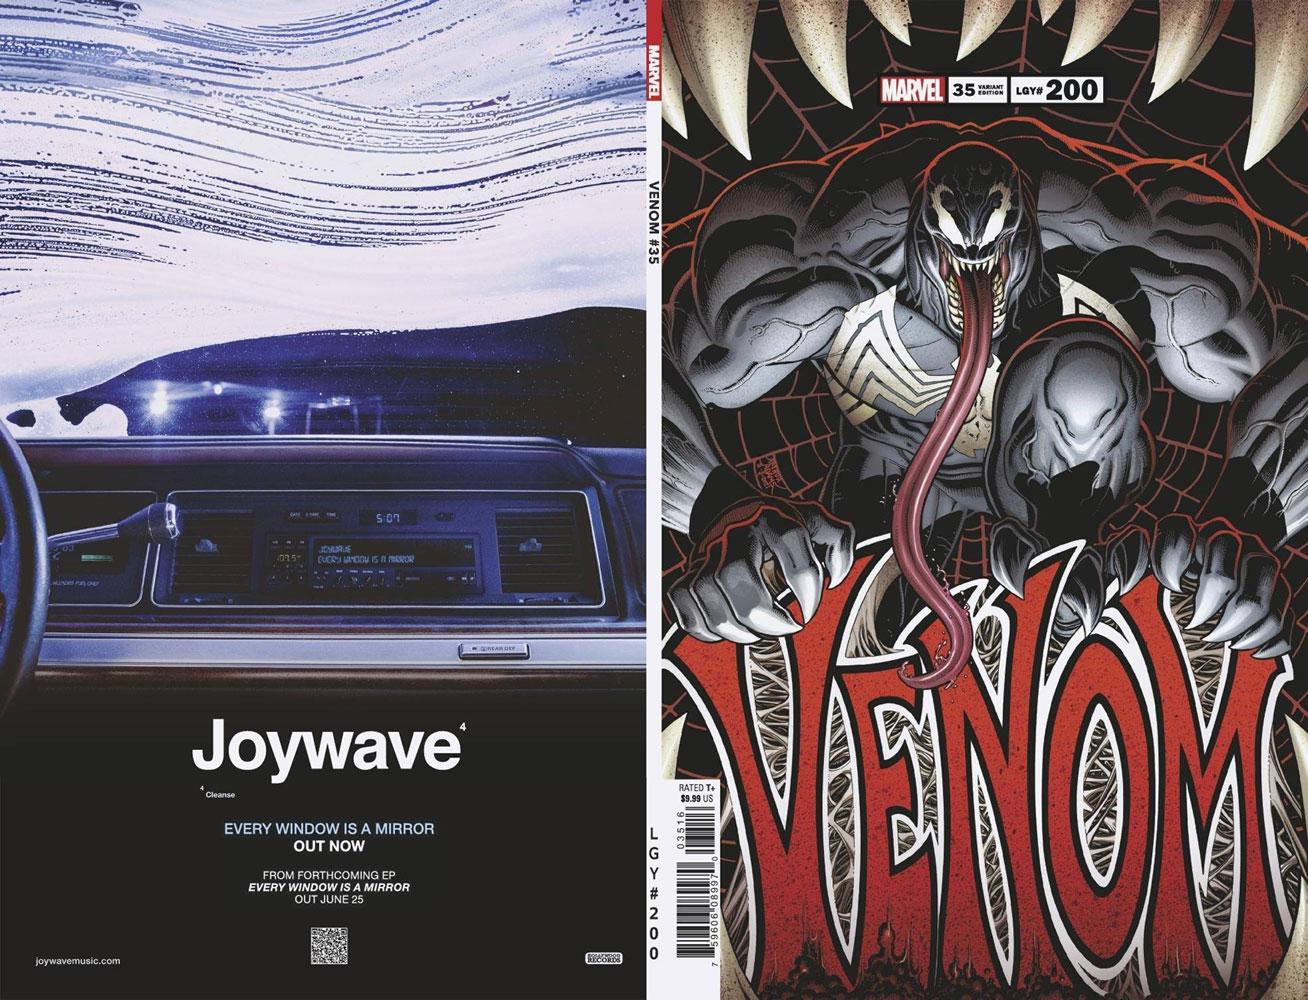 Venom #35 (200th issue) (variant cover - Arthur Adams) - Marvel Comics